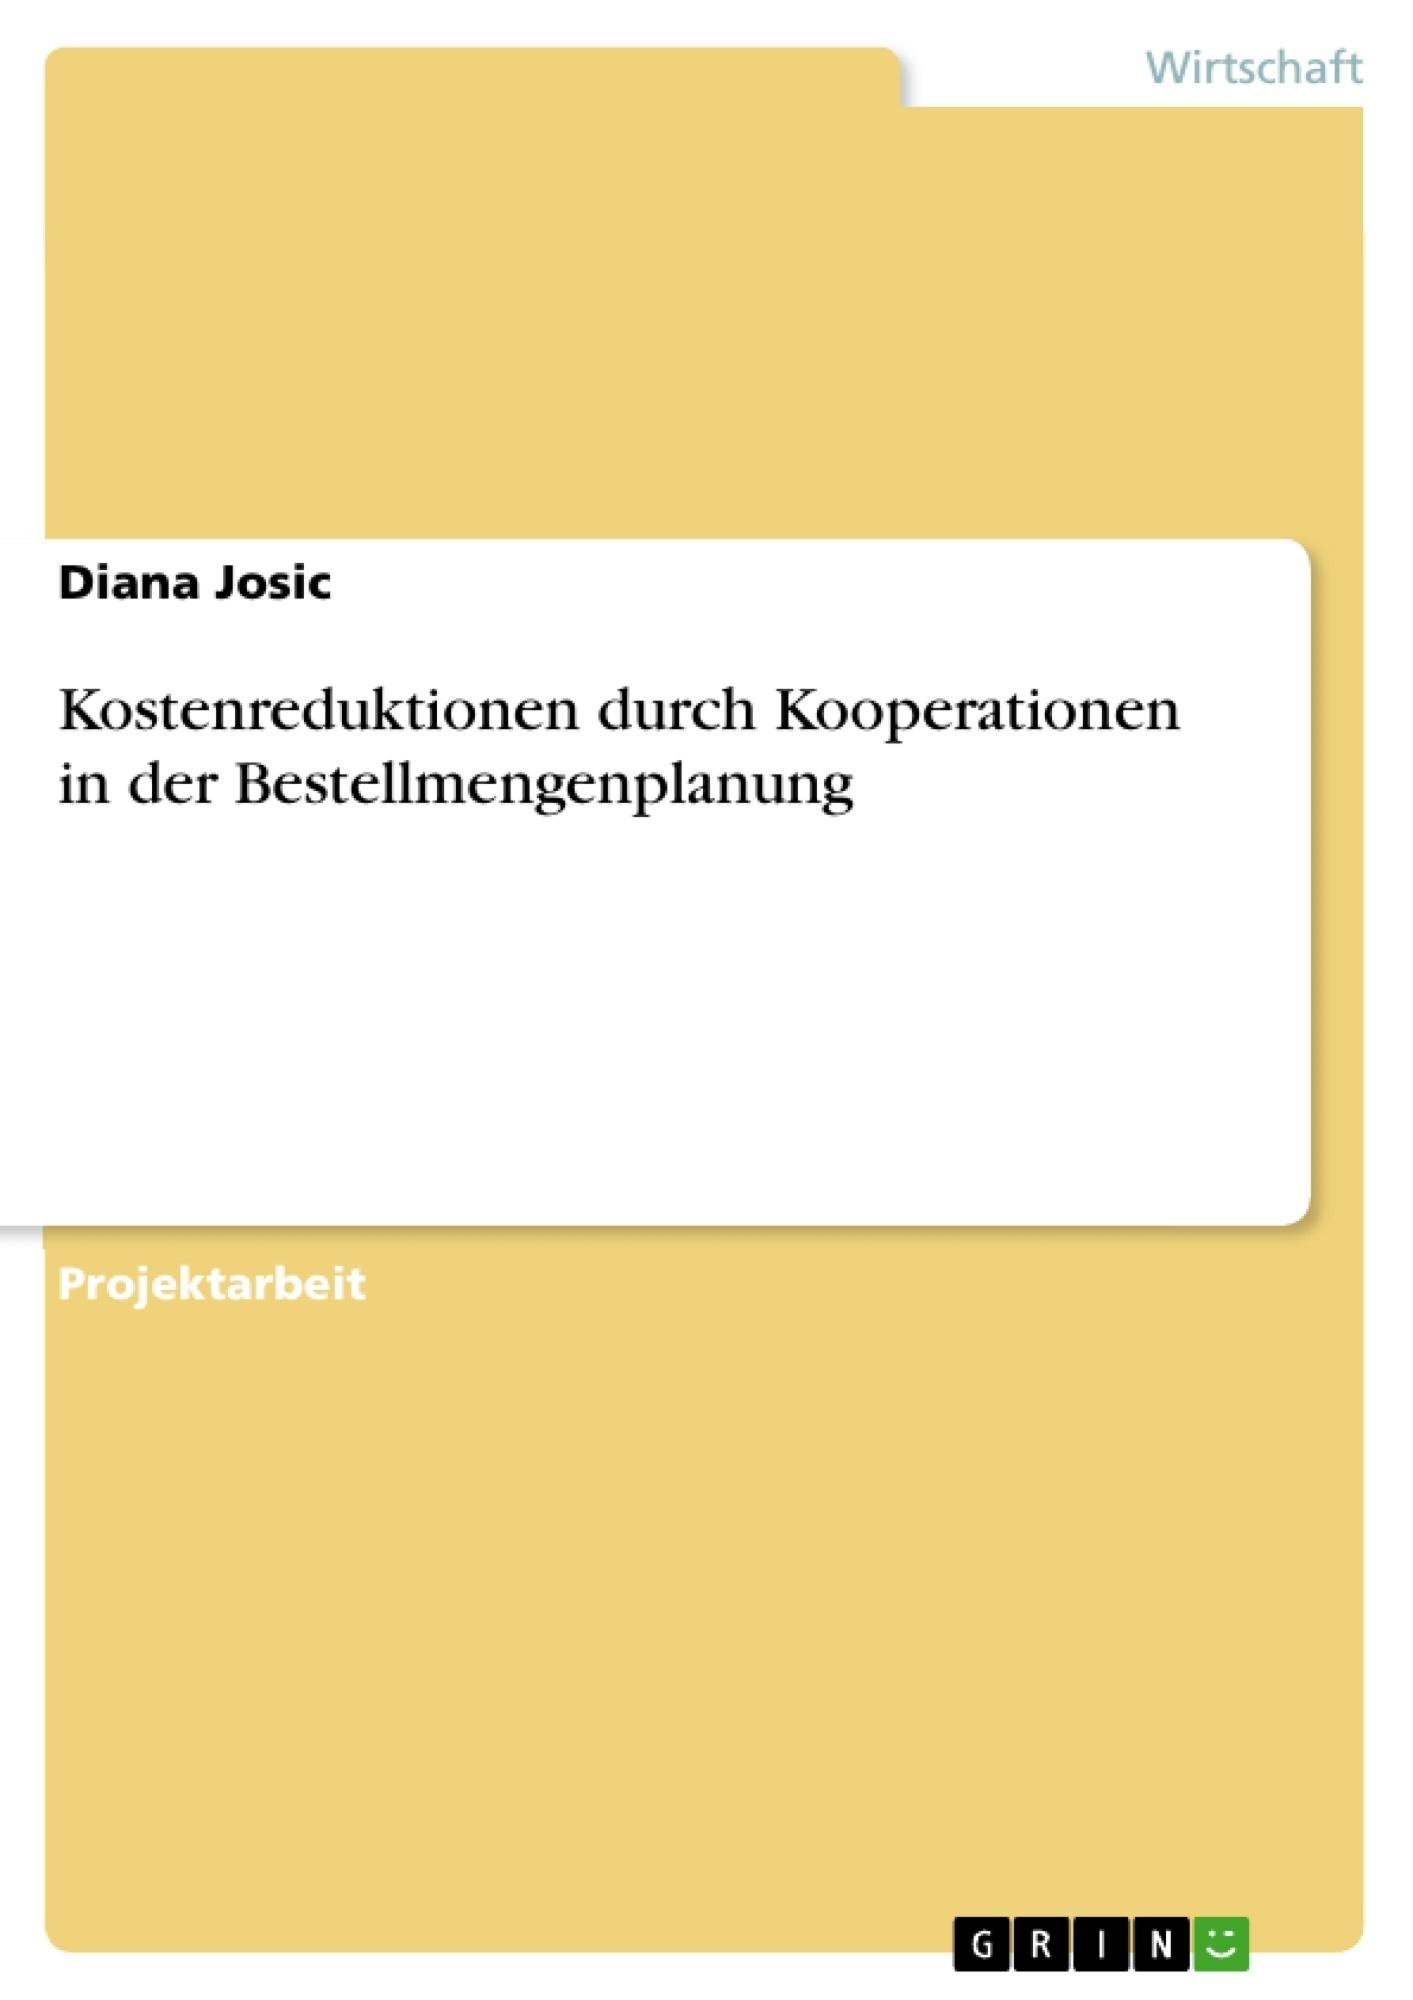 Titel: Kostenreduktionen durch Kooperationen in der Bestellmengenplanung